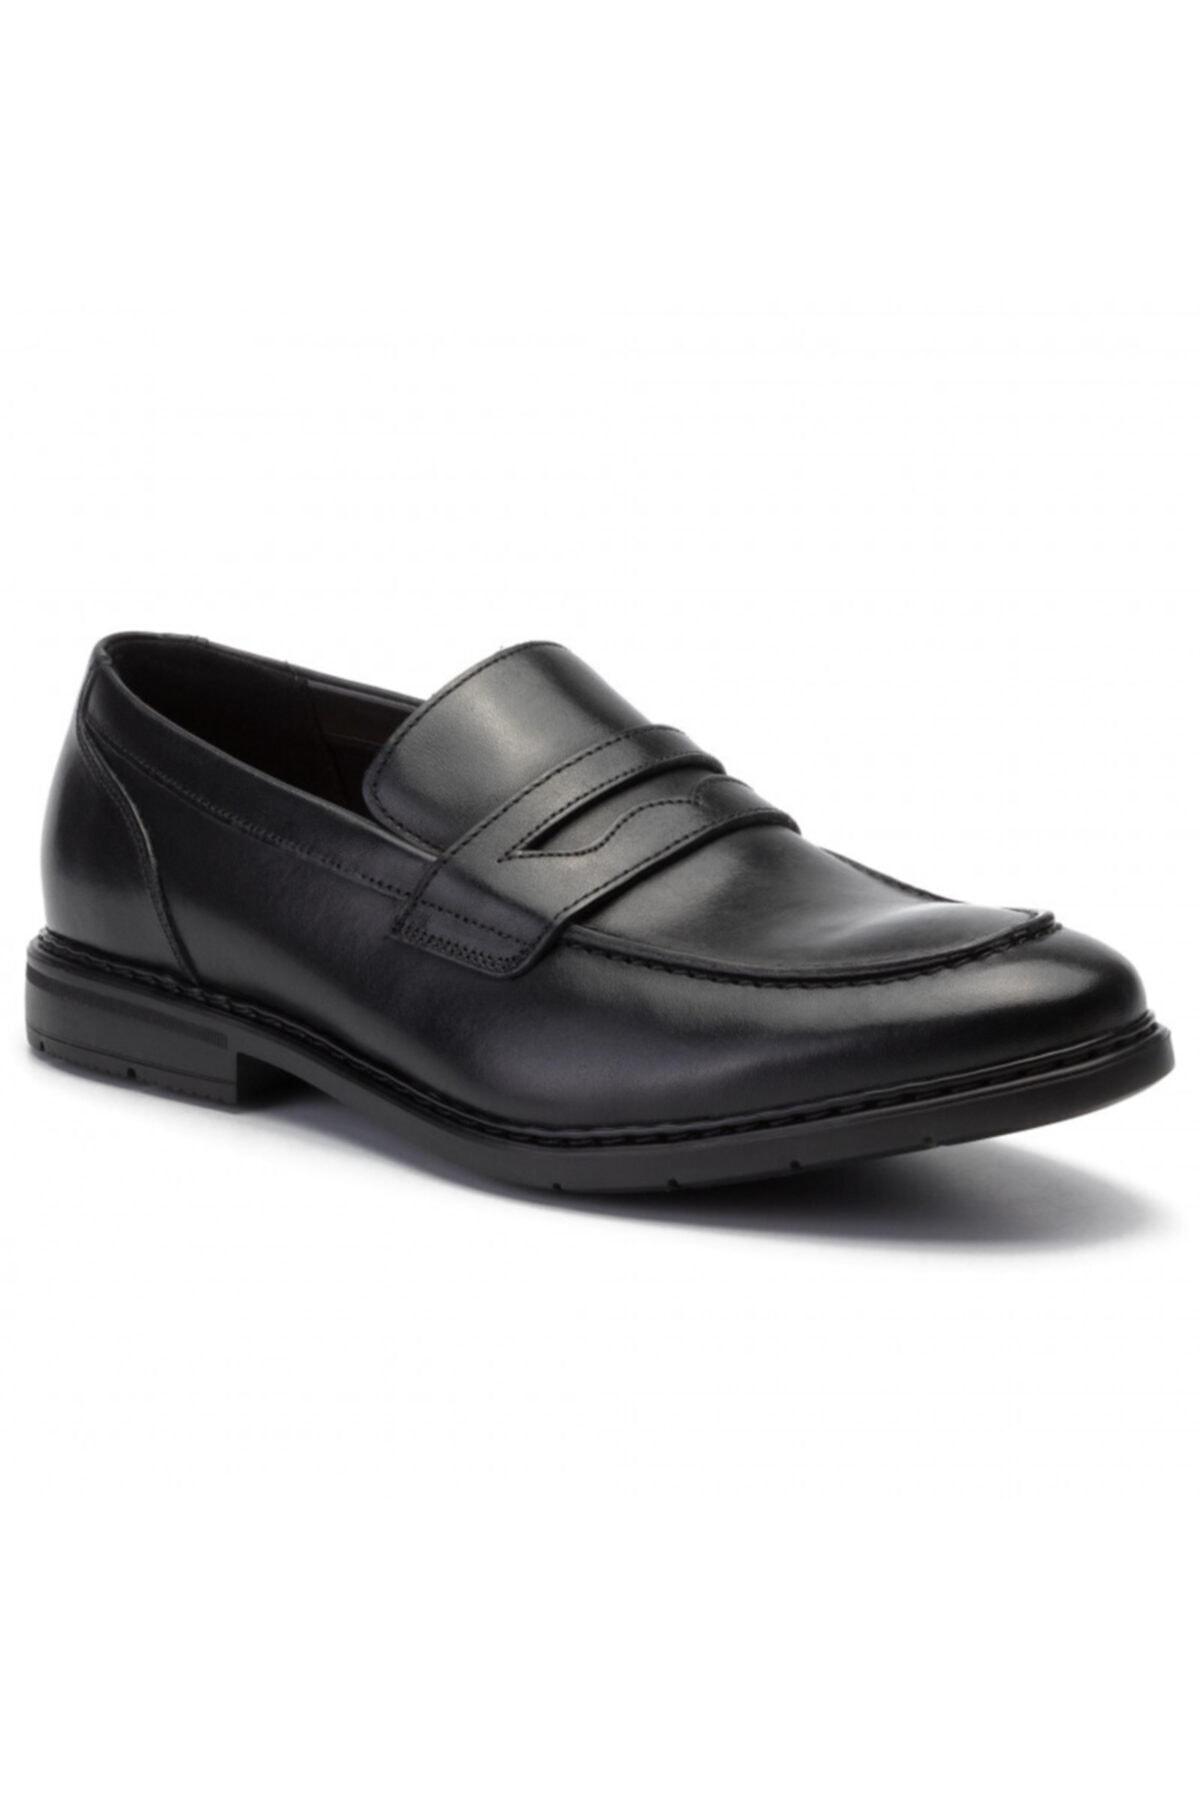 CLARKS Erkek Siyah Hakiki Deri Klasik Ayakkabı 1